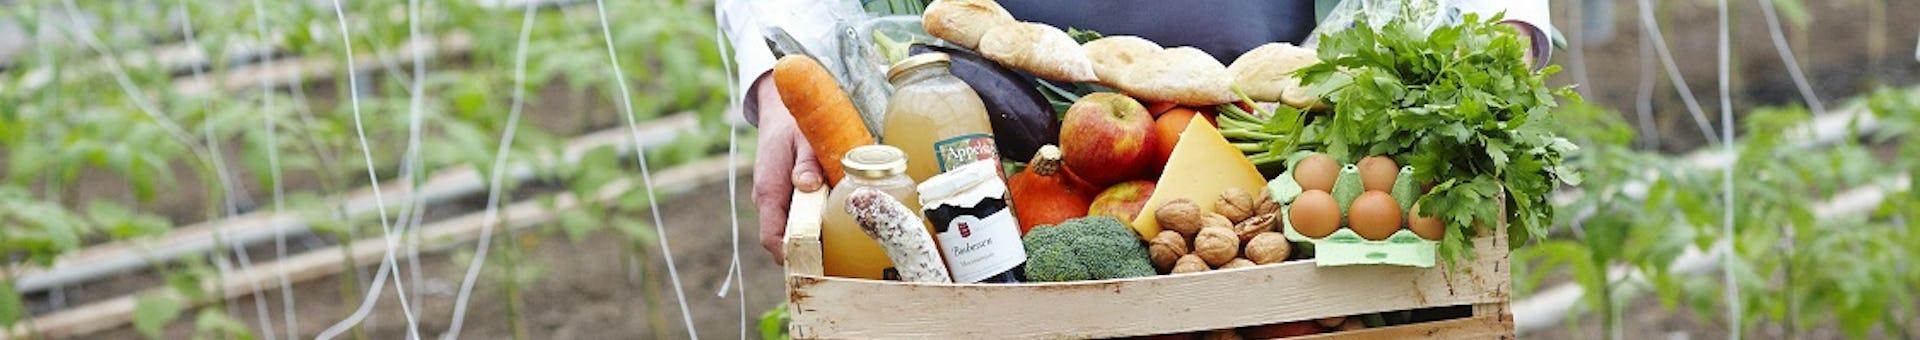 maaltijdbox met verse groenten vastgehouden door teler